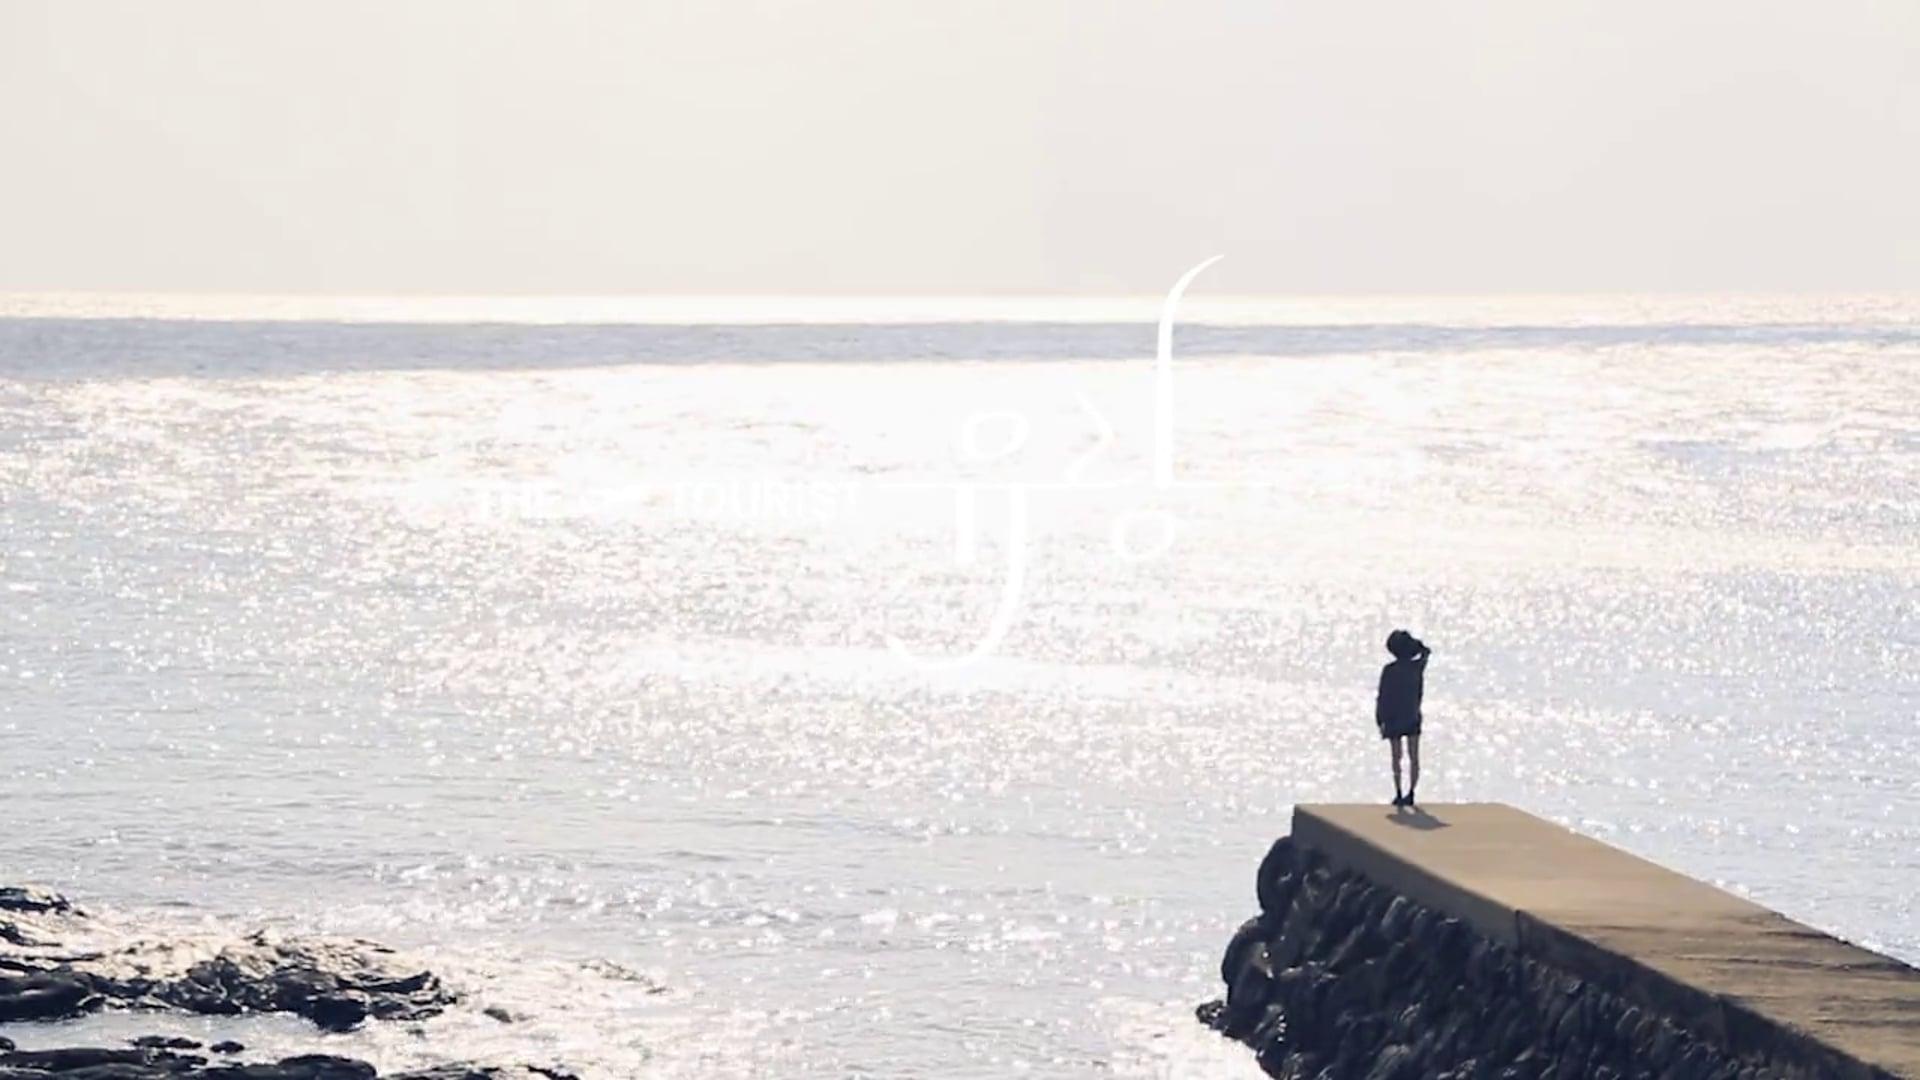 투어리스트-유랑 / The Tourist - The Romantic Bohemian